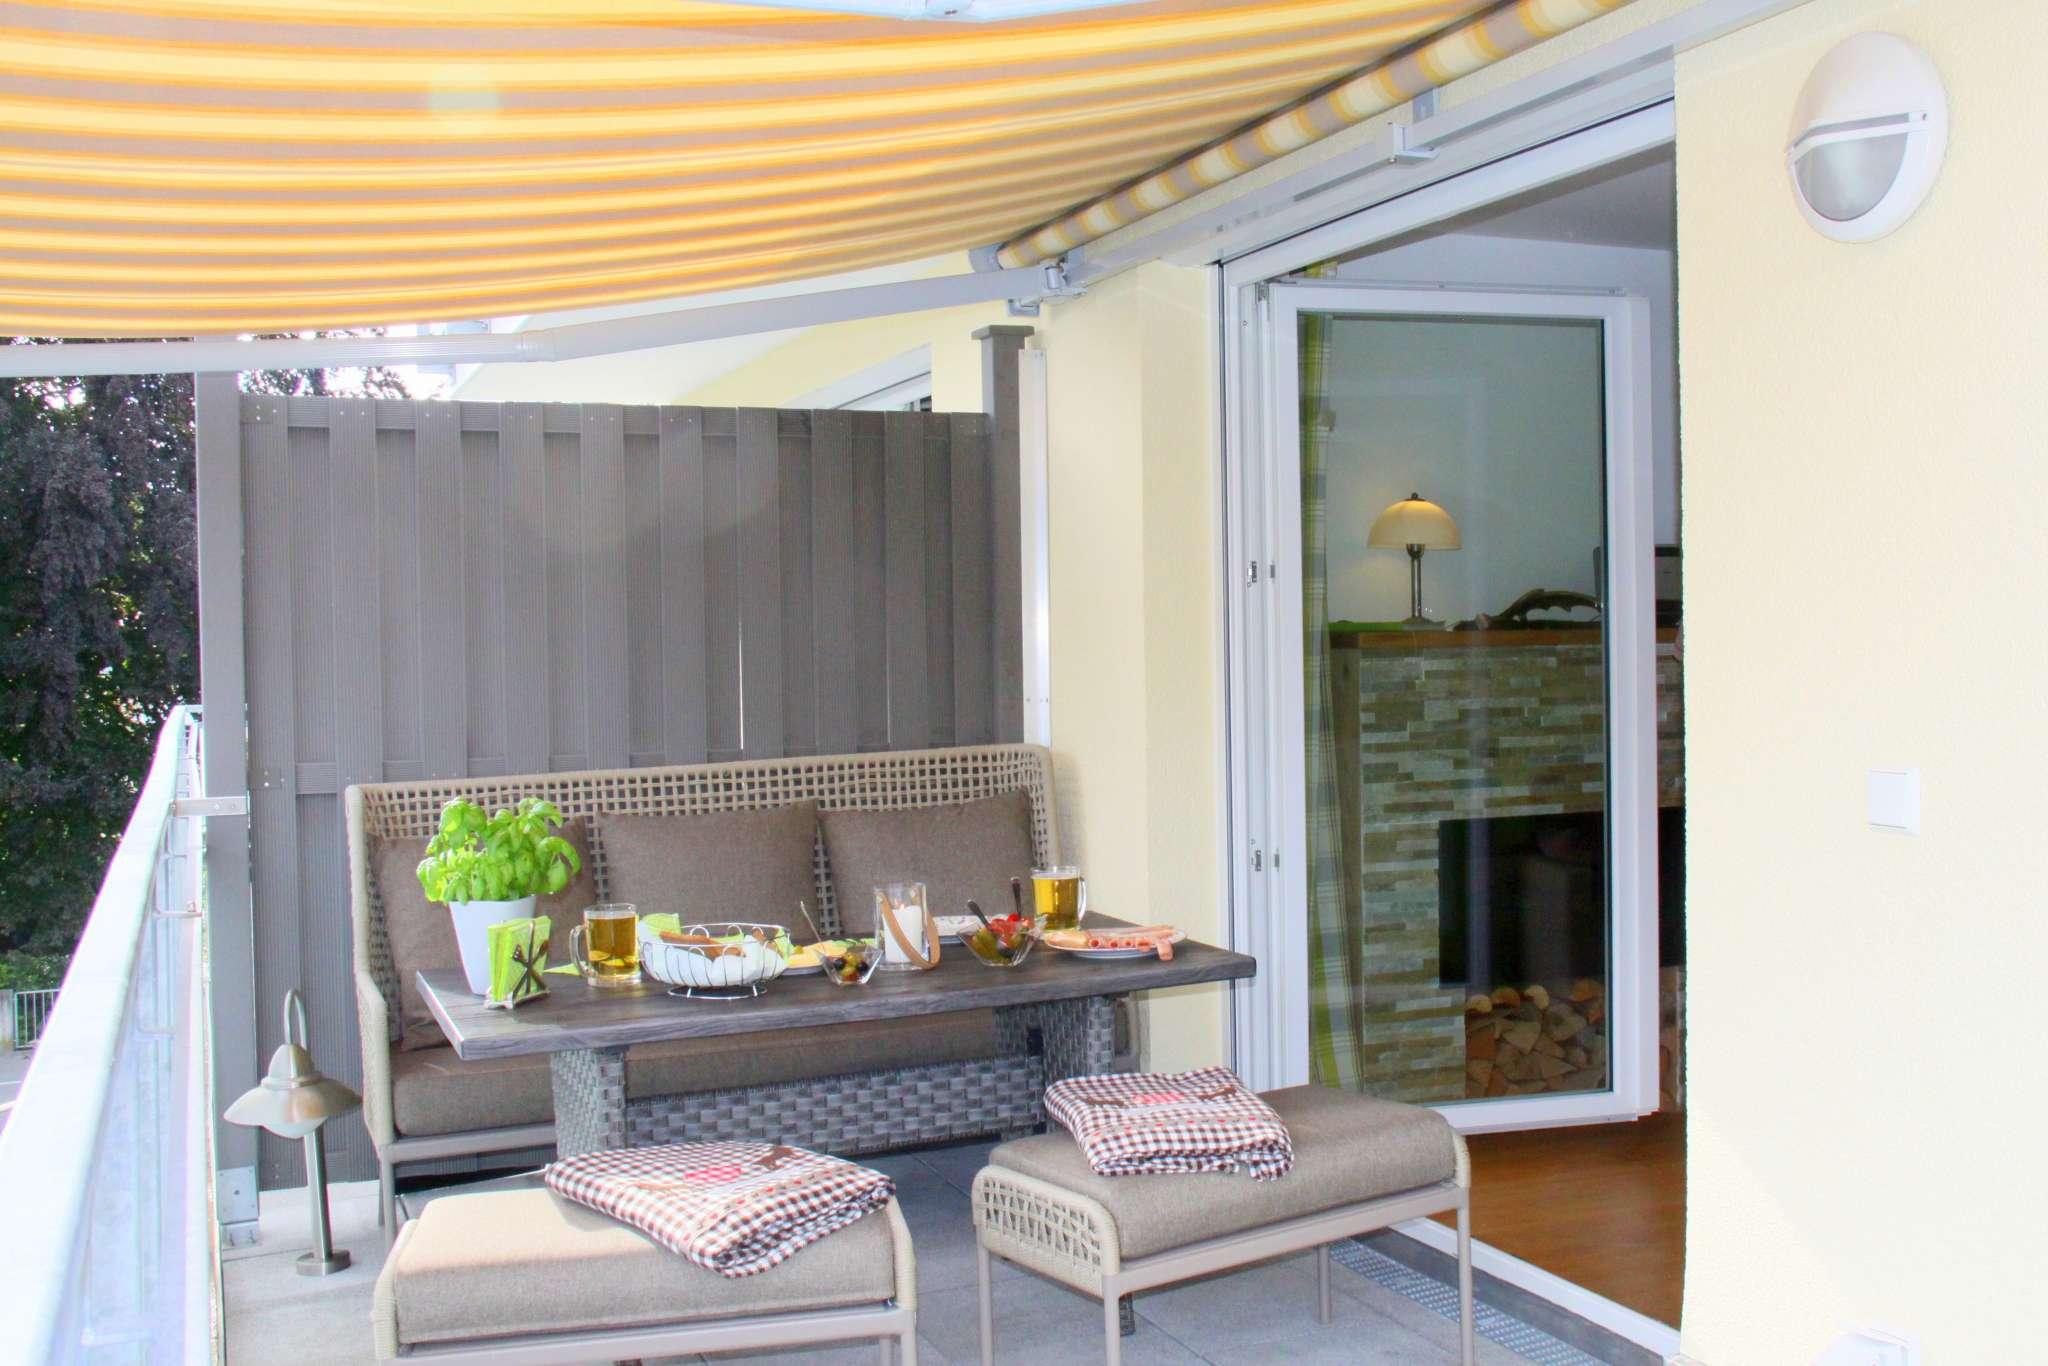 Balkon Ambiente mit Grill